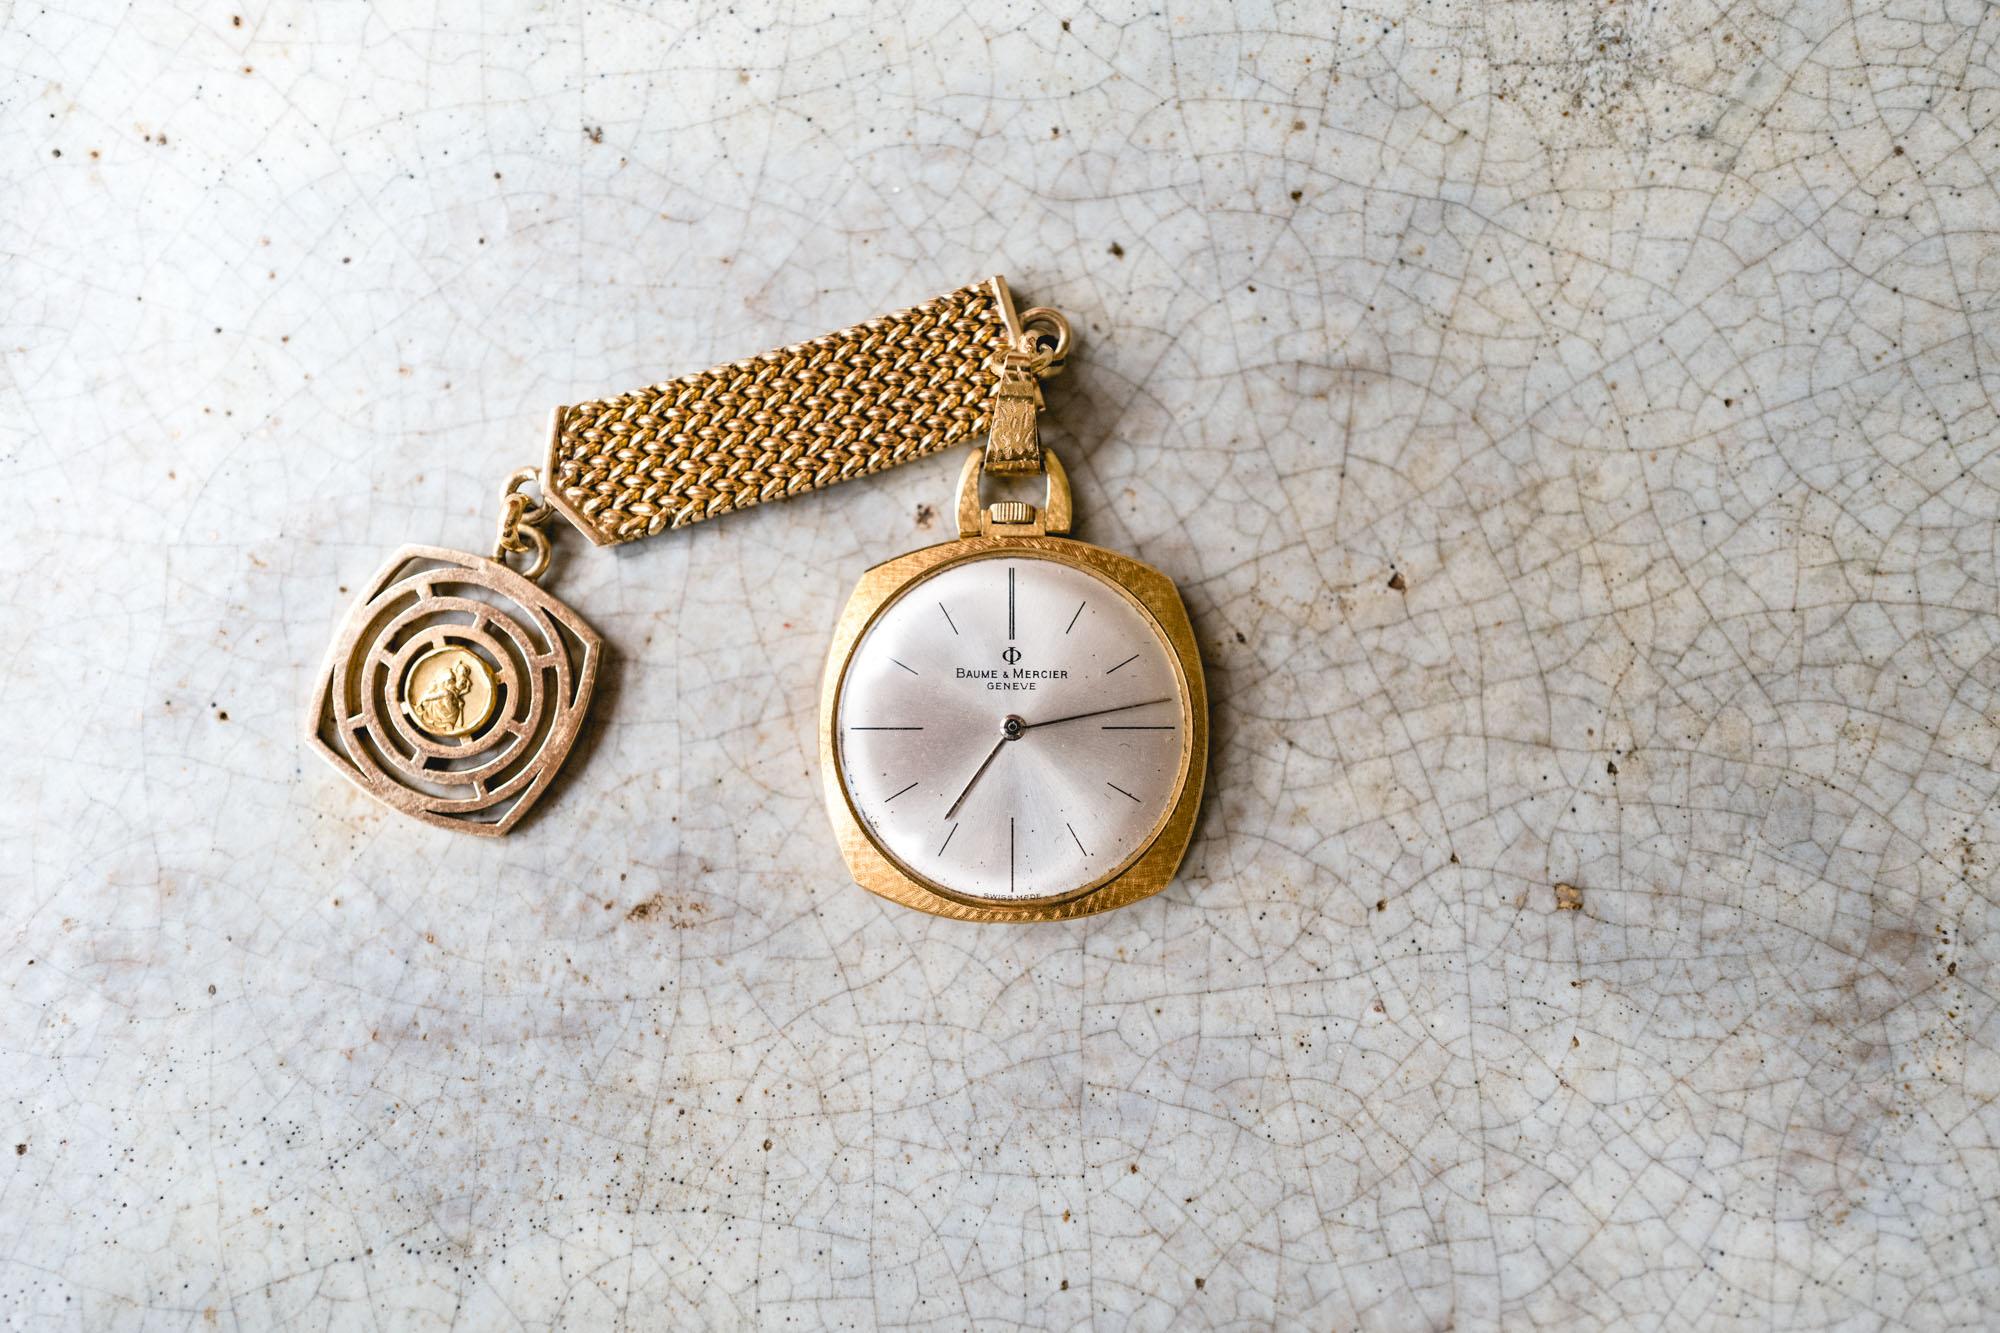 Tajan - Vente de montres du 11 décembre -Montre de smoking Baume et Mercier